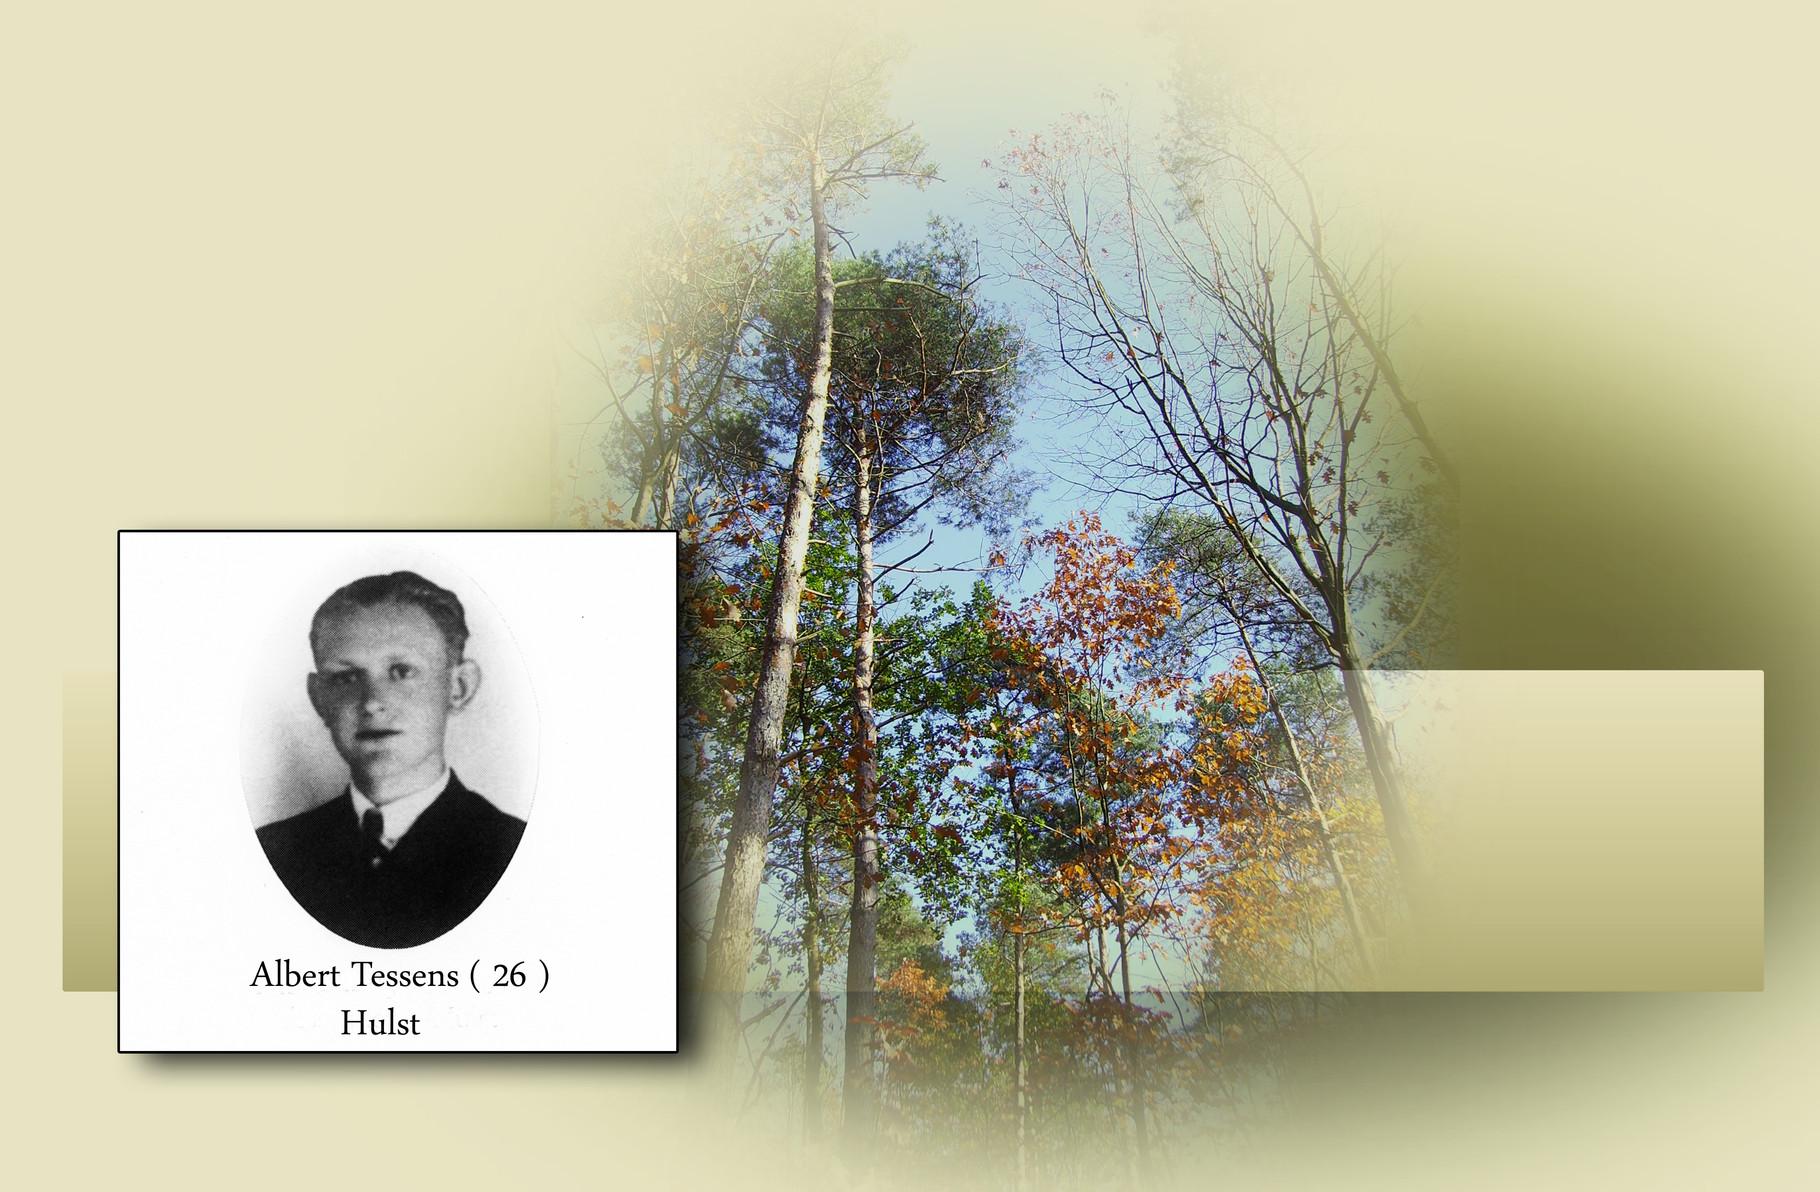 Albert Tessens-overleden bij fabrieksramp